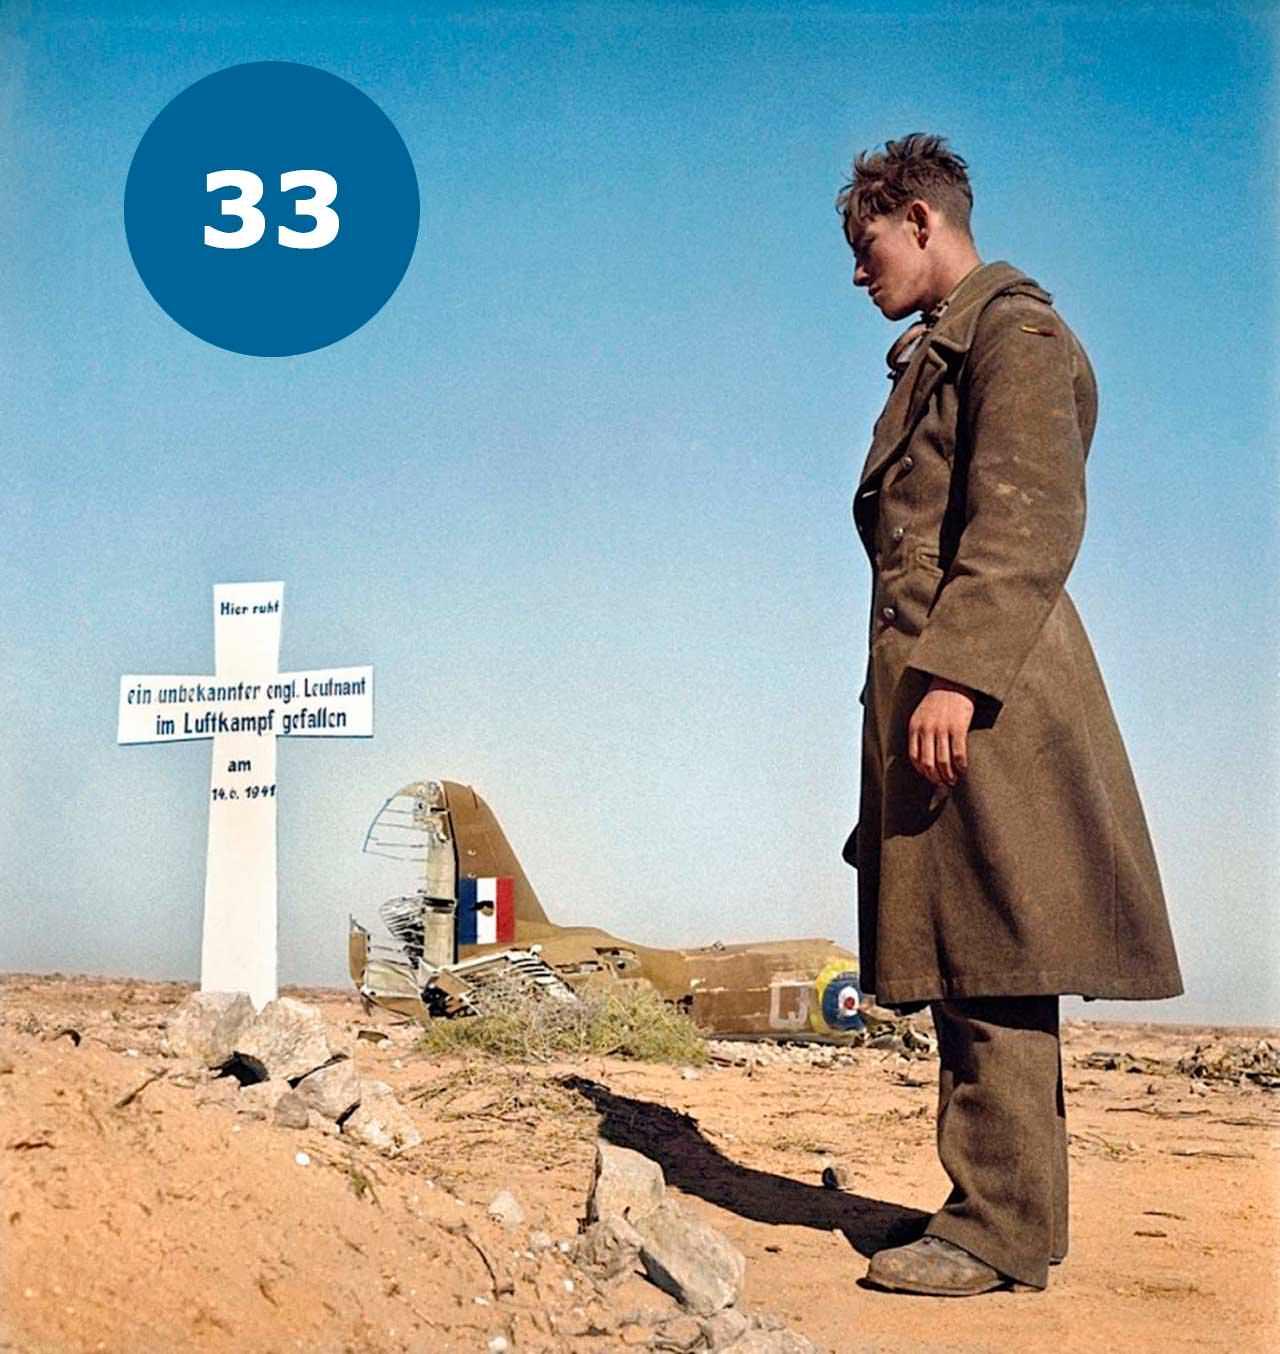 Німецький солдат похоронив британського солдата